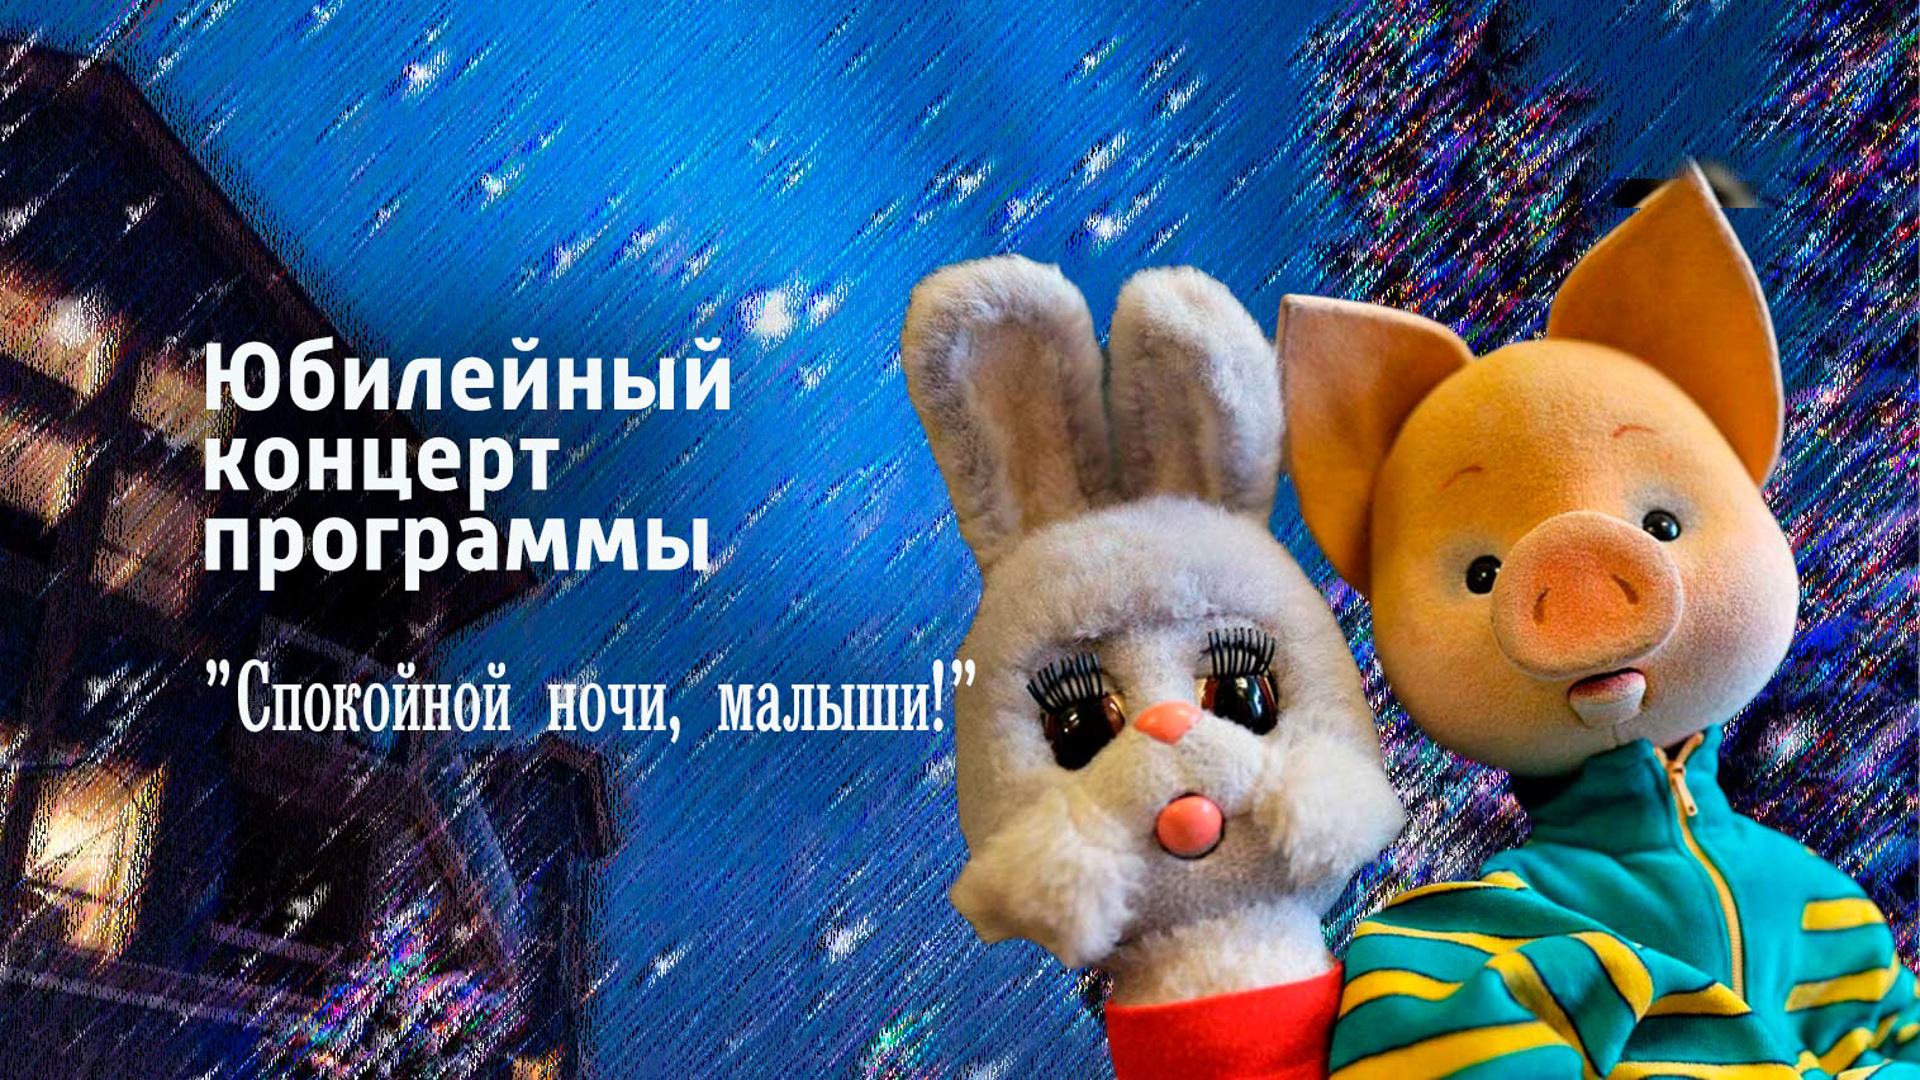 """Юбилейный концерт программы """"Спокойной ночи, малыши!"""""""